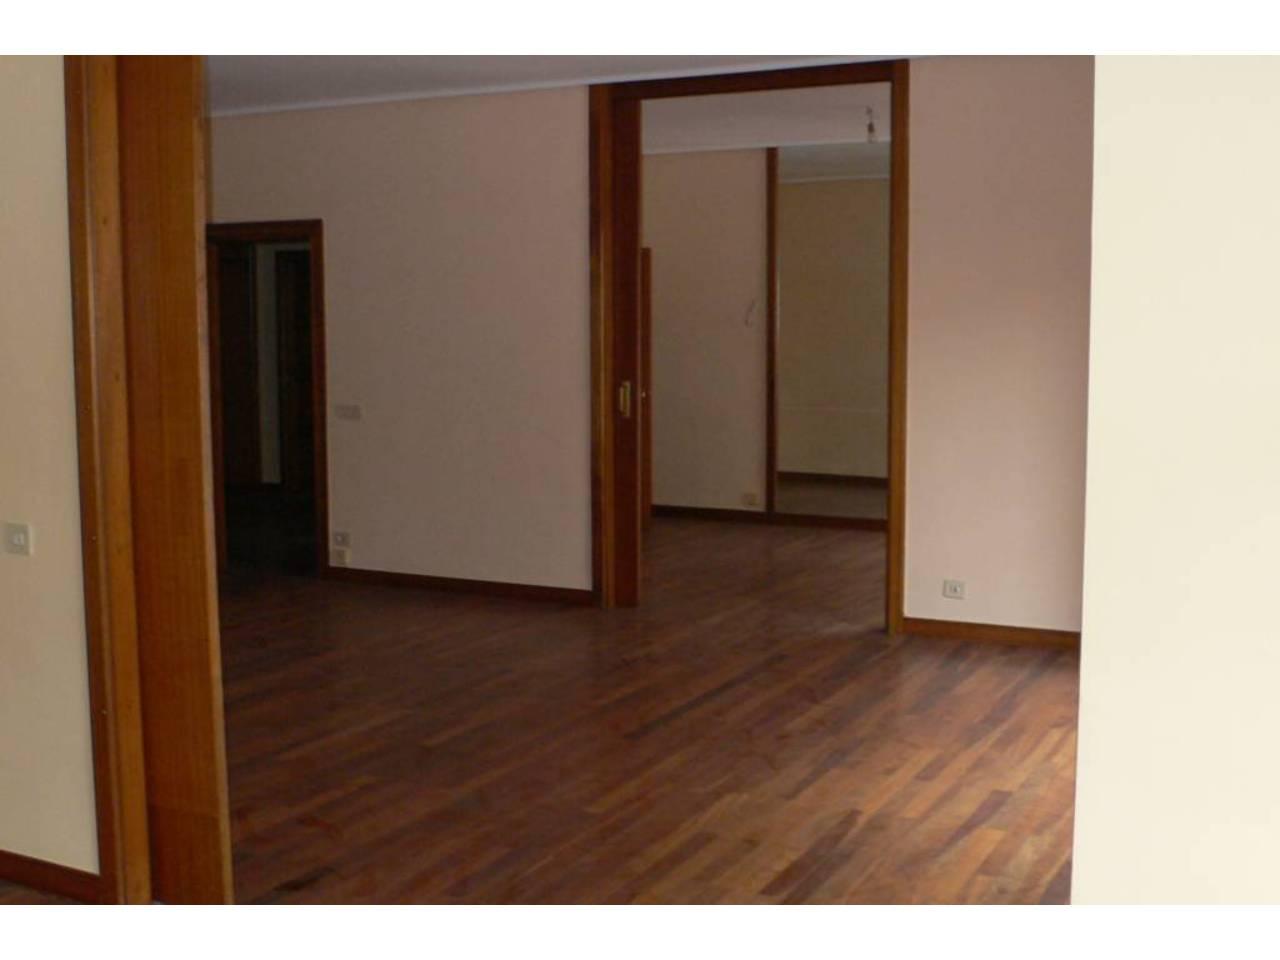 Piso en alquiler en bilbao ref 005710 for Alquiler pisos en bilbao